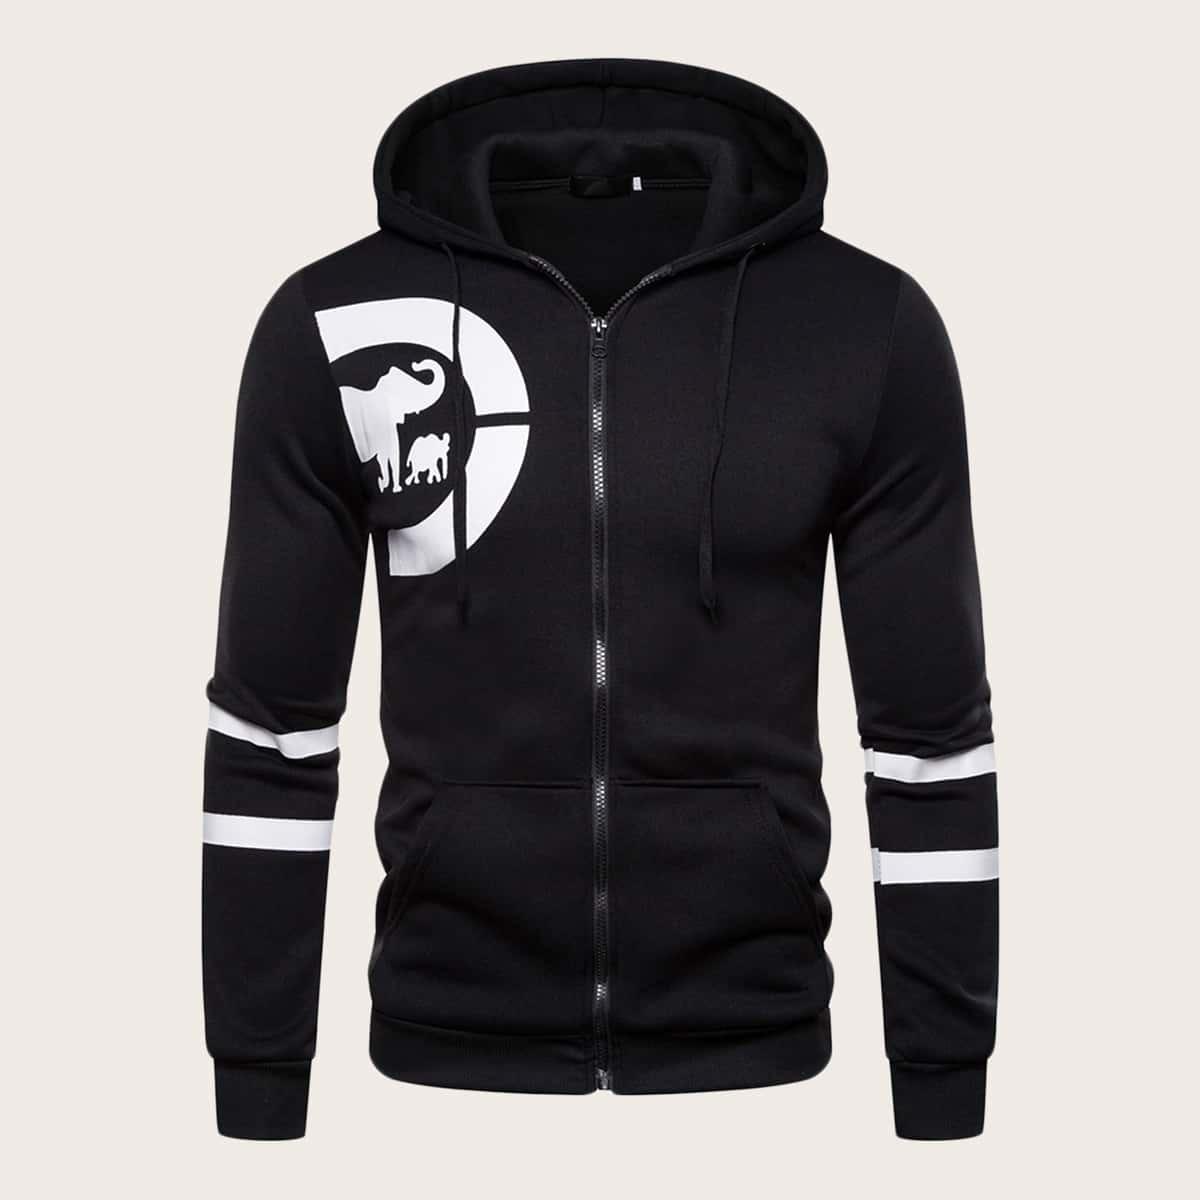 Zwart Casual Koord Gestreept Sweatshirts voor heren